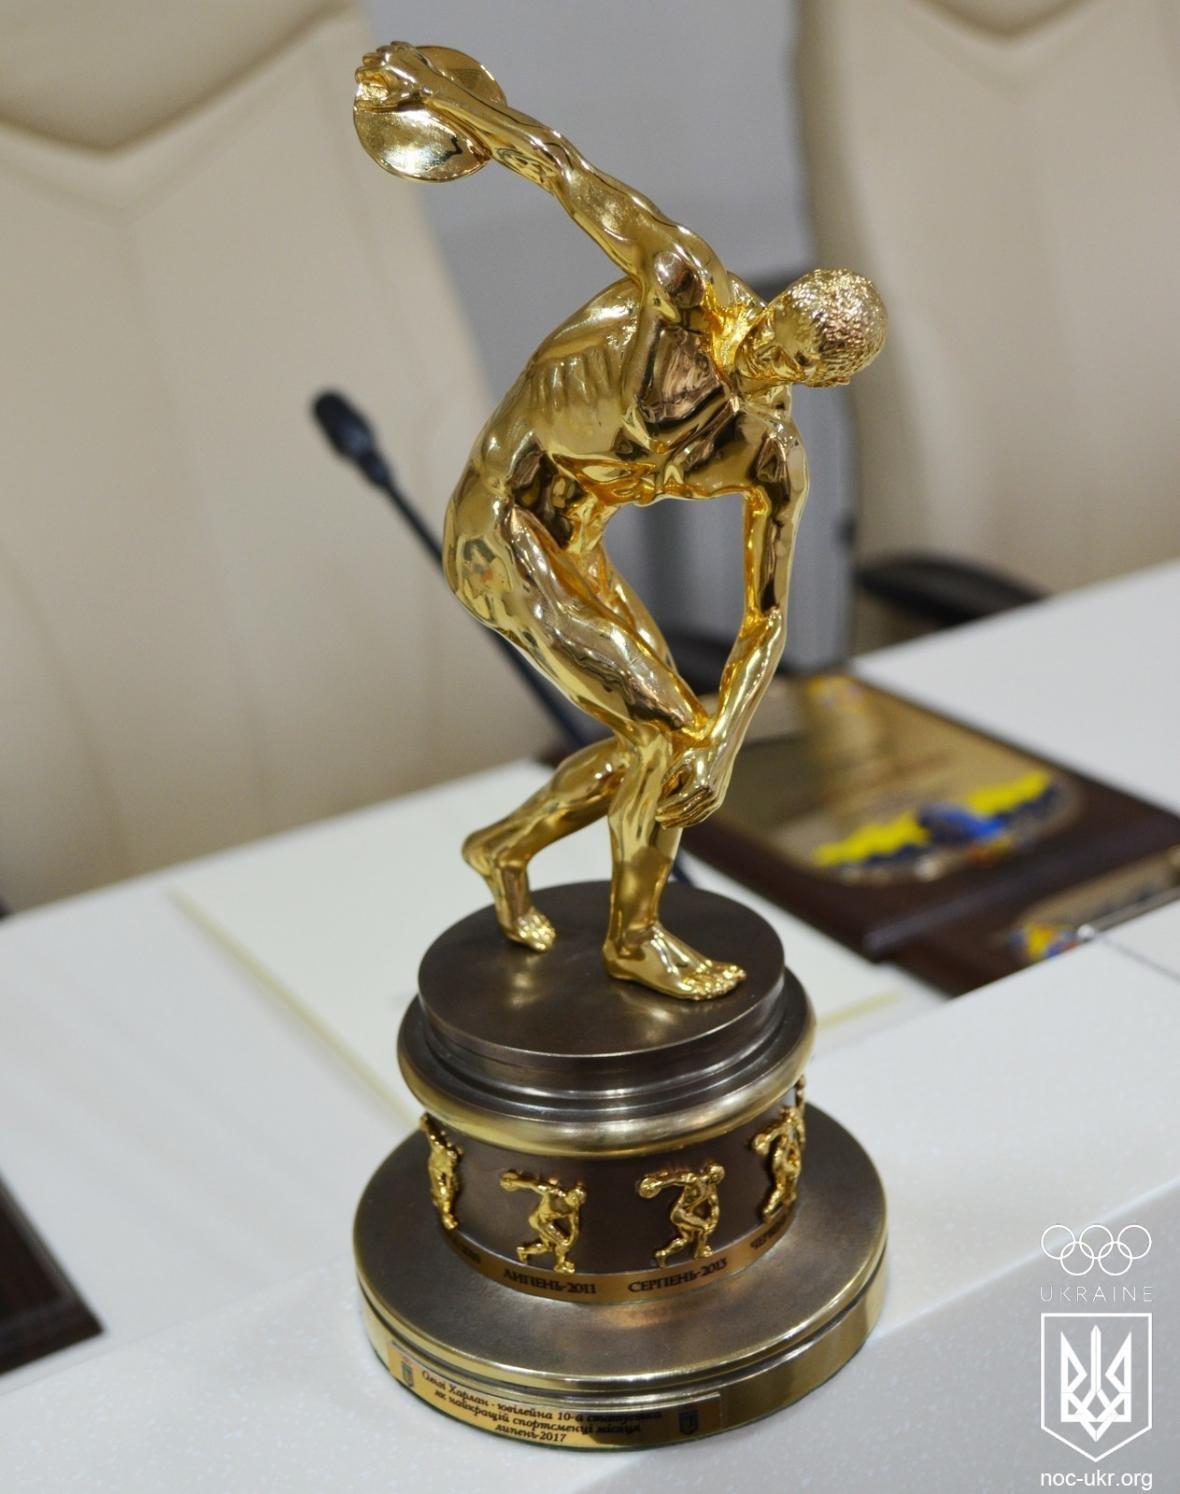 Николаевская спортсменка Ольга Харлан получила от НОК эксклюзивную статуэтку (ФОТО), фото-5